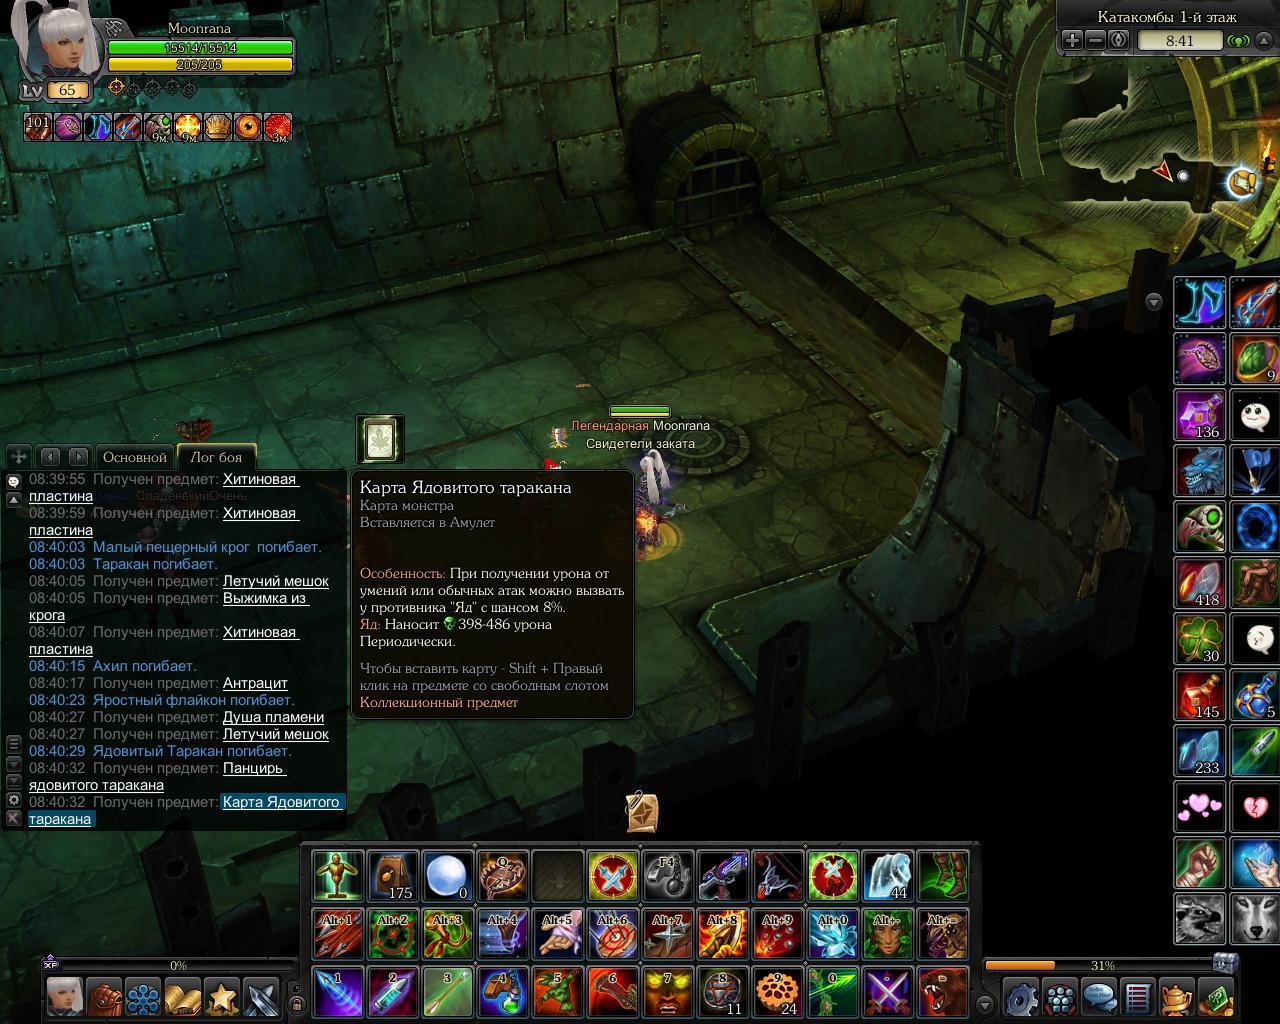 screen_200401_001.1585731212.jpg